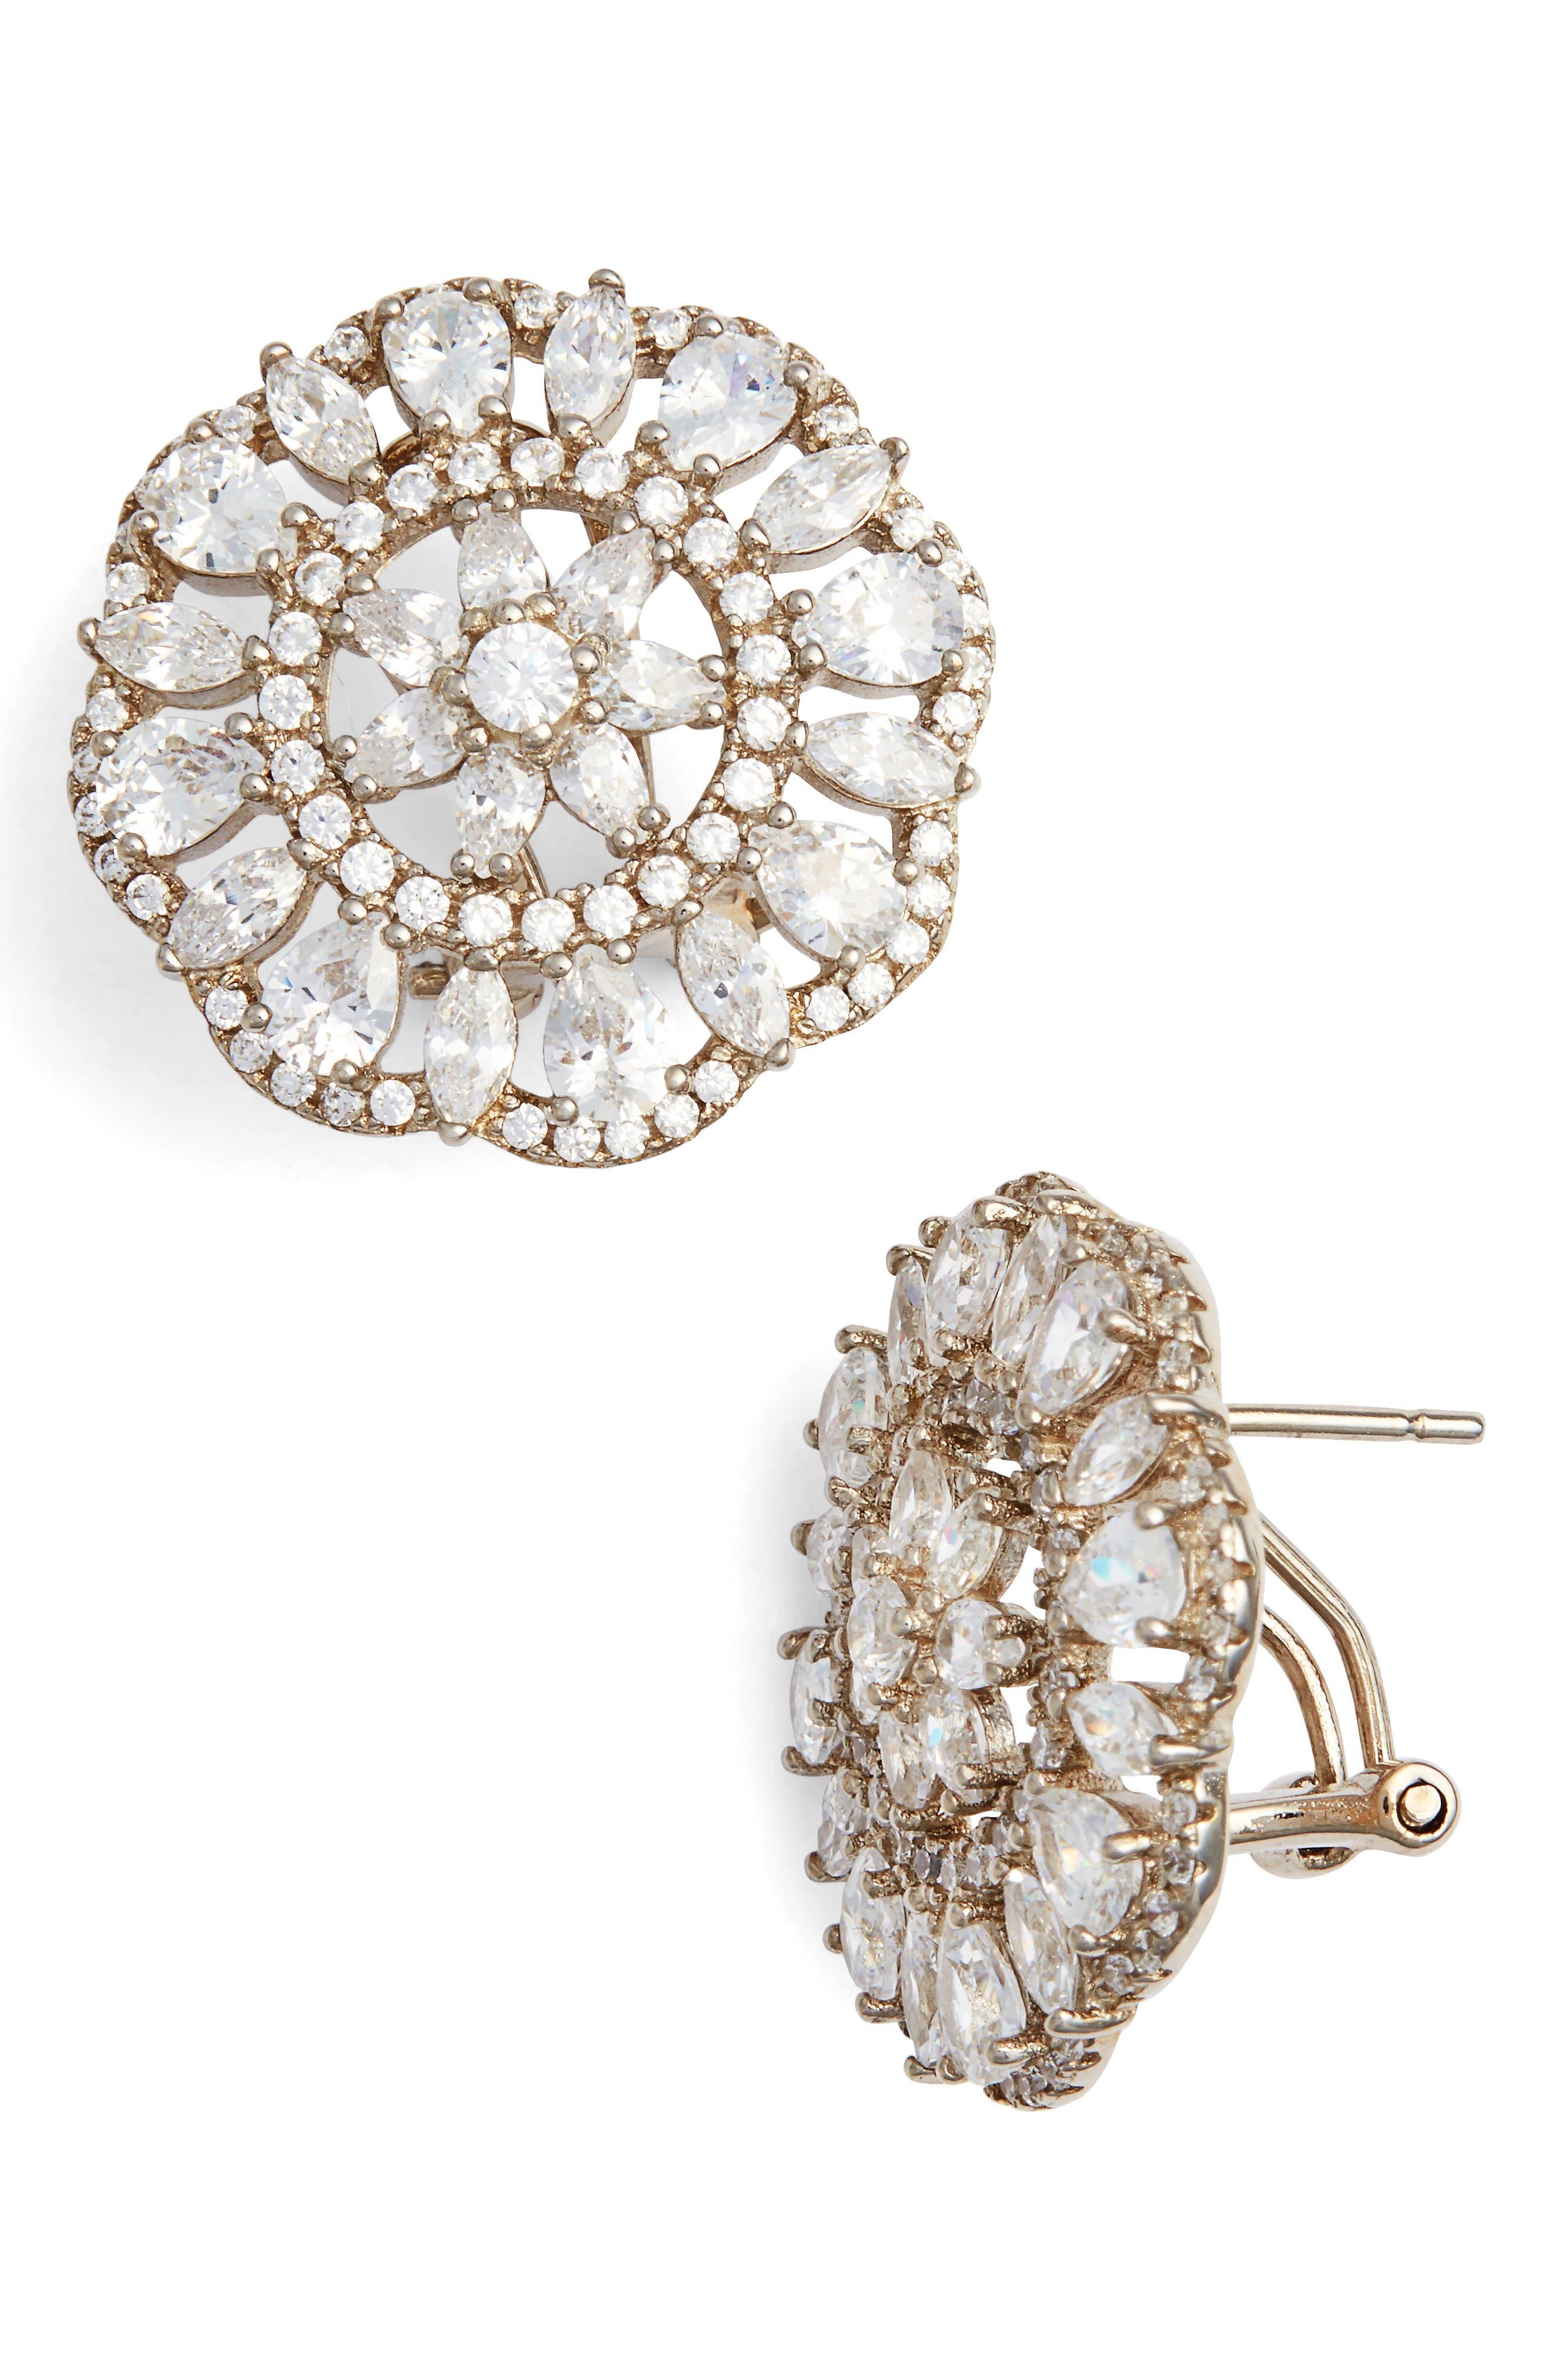 Sunburst Cubic Zirconia Clip Earrings,                         Main,                         color, Silver/ White Cz